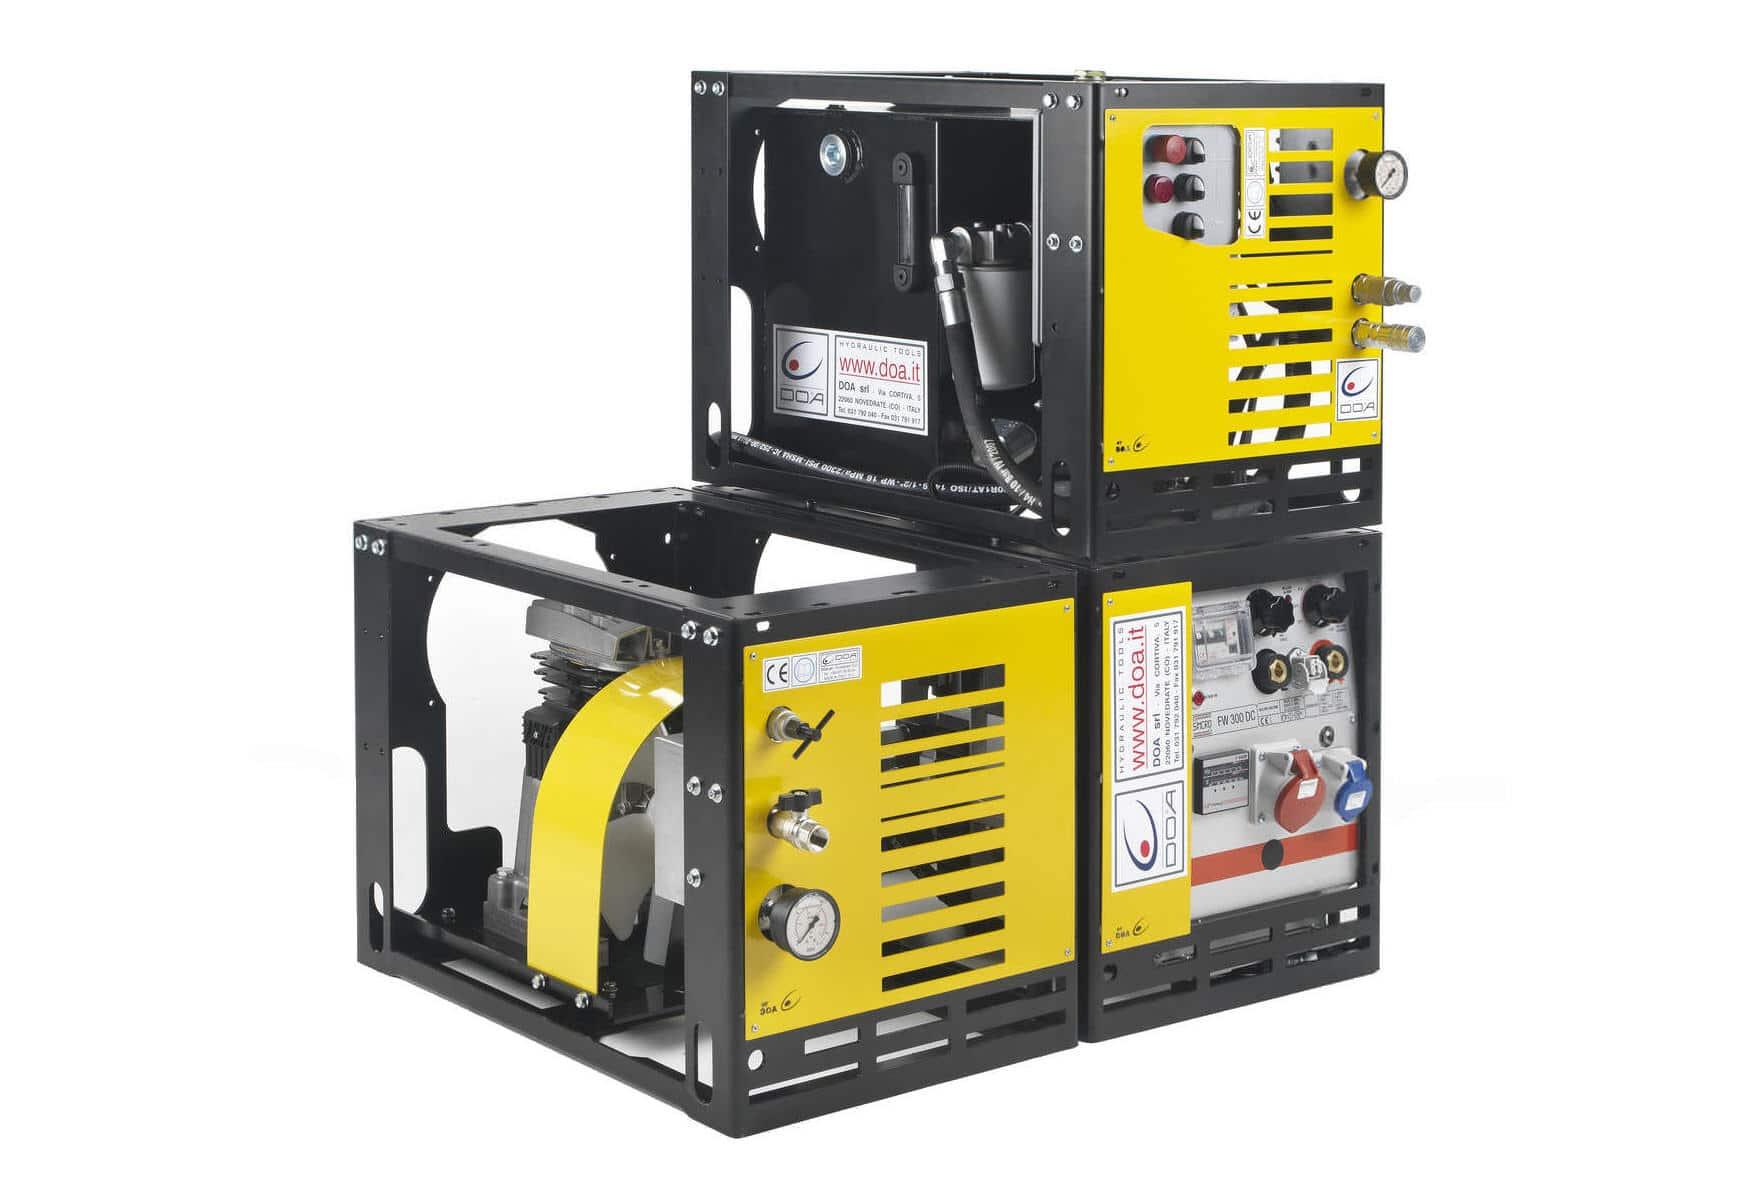 Come scegliere una centralina idraulica?